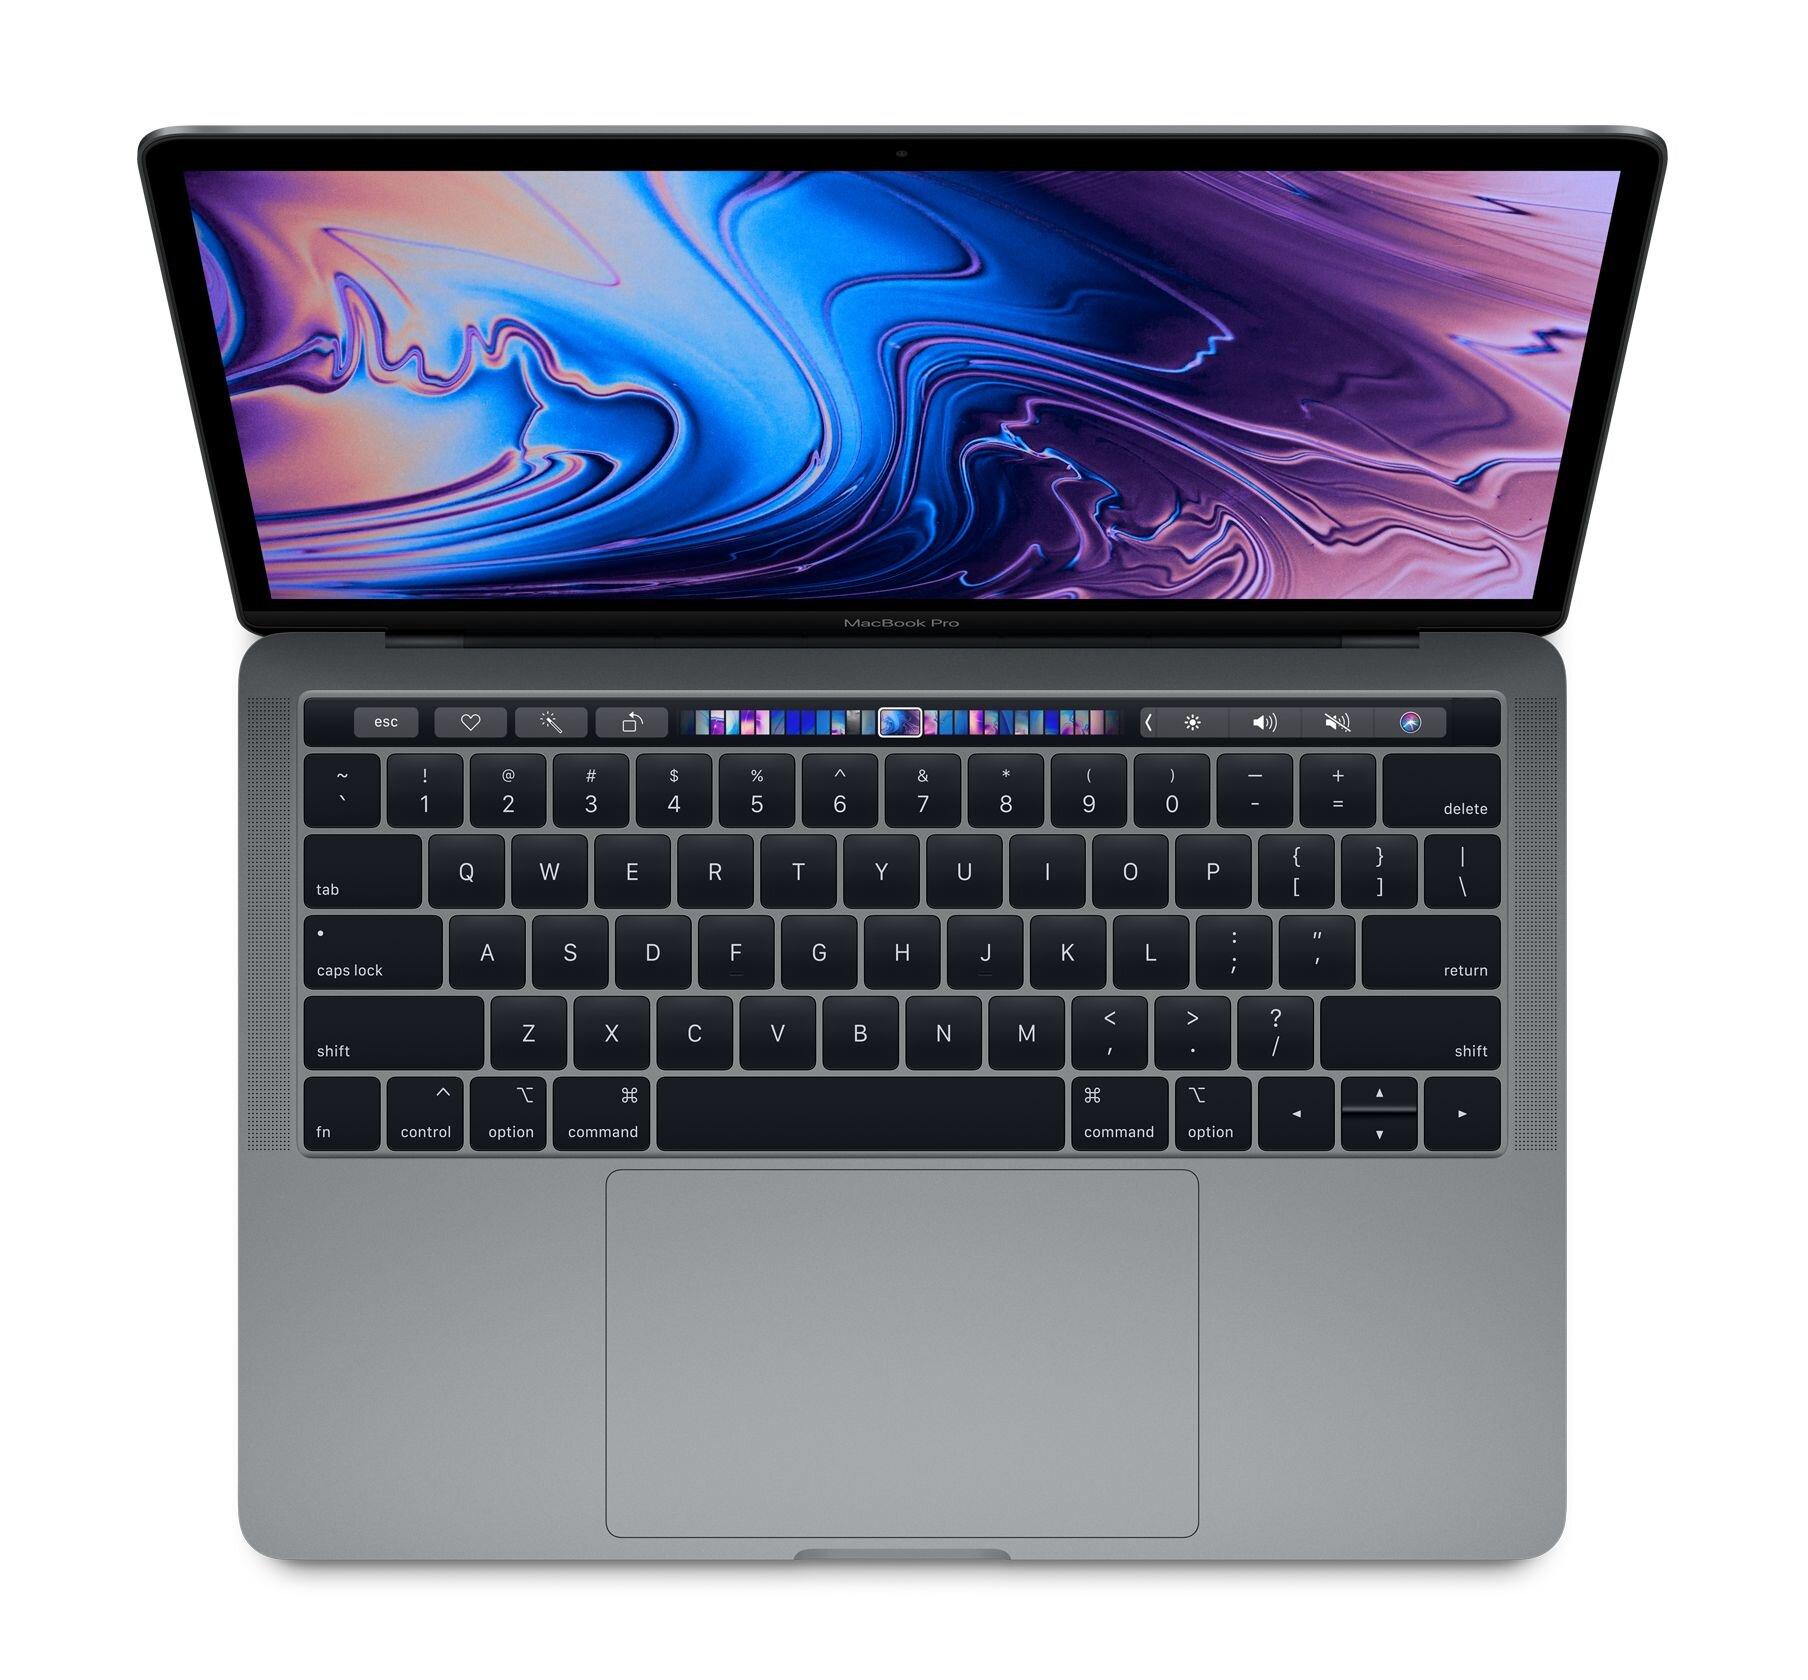 Thỏa sức sáng tạo với Macbook Pro